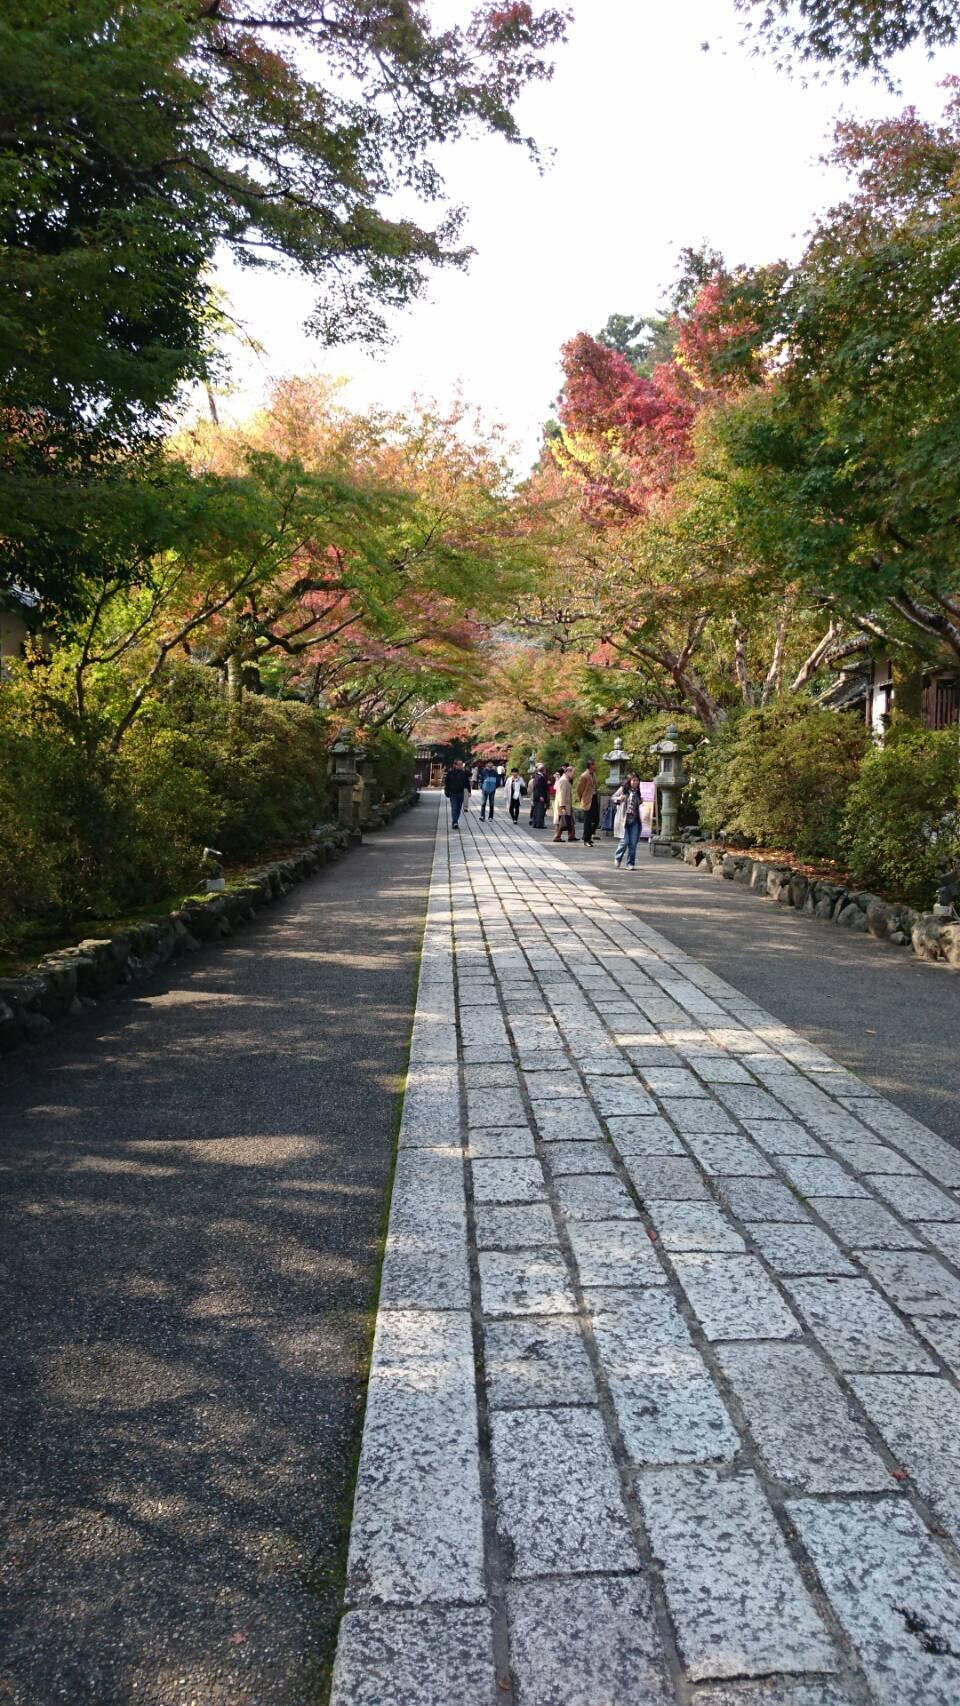 ハーレーとカワサキで行く近江八幡ツーリング 石山寺